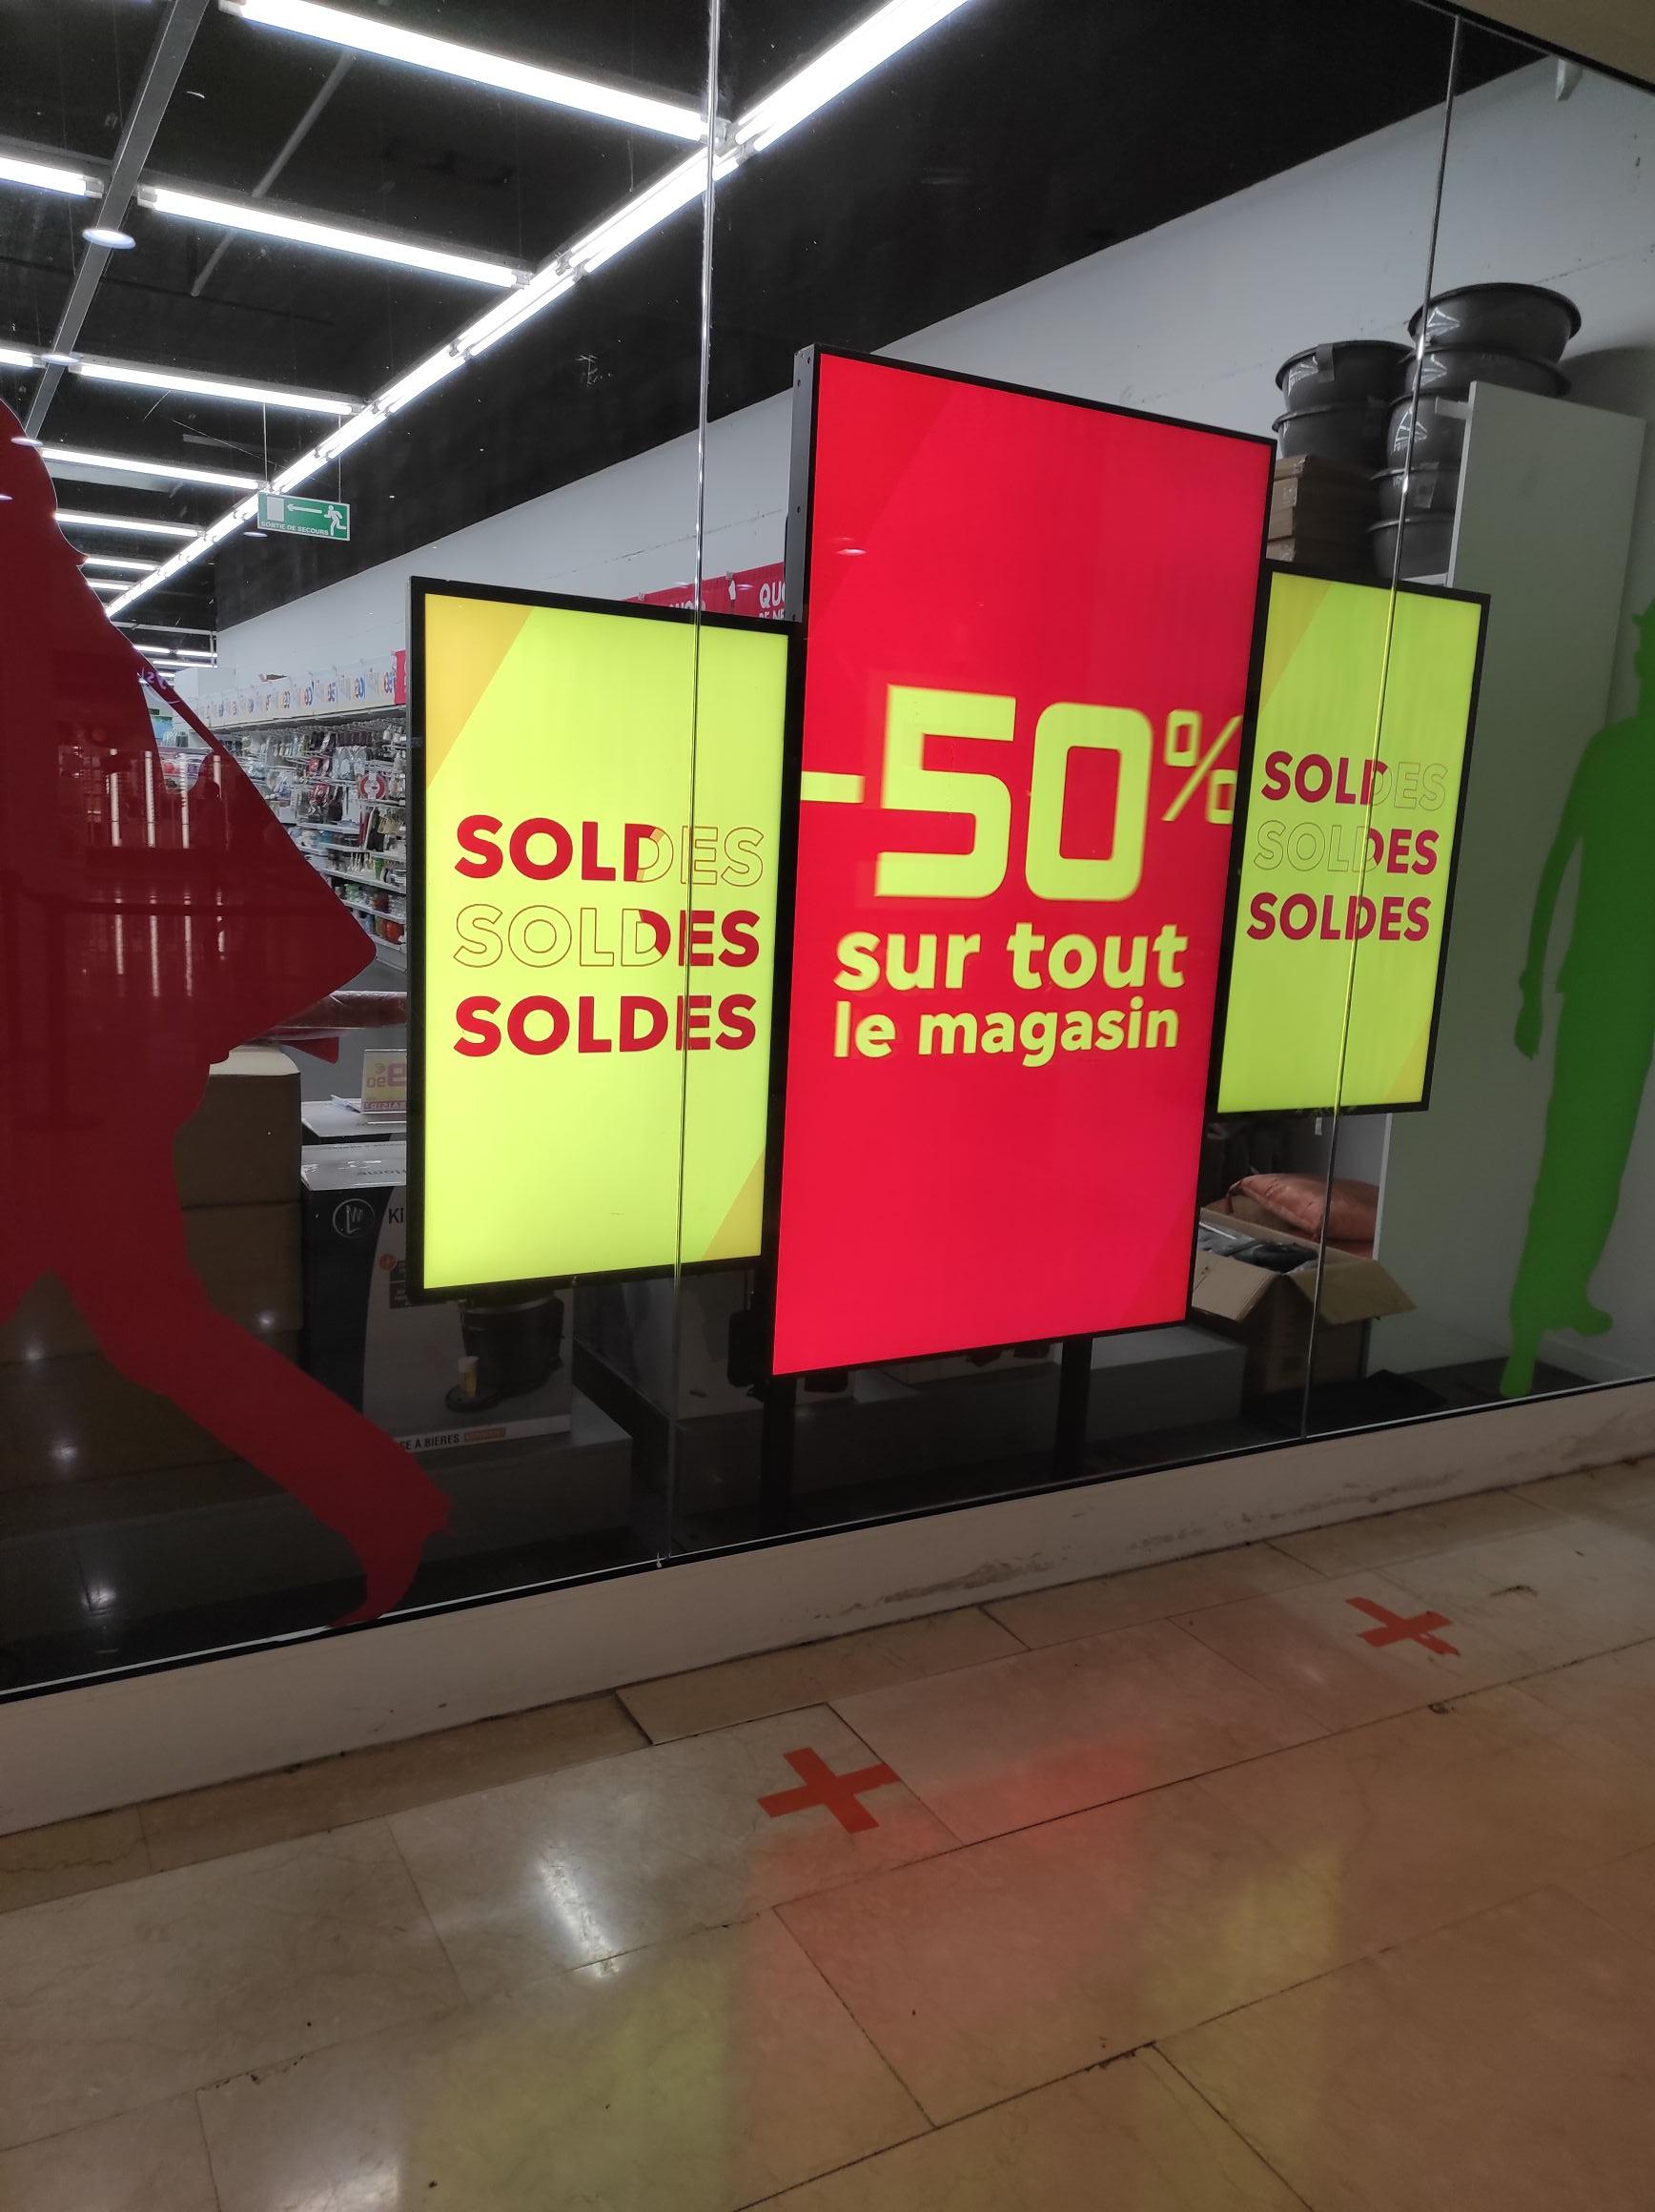 50% de réduction sur tout le magasin - Val d'Europe (77)